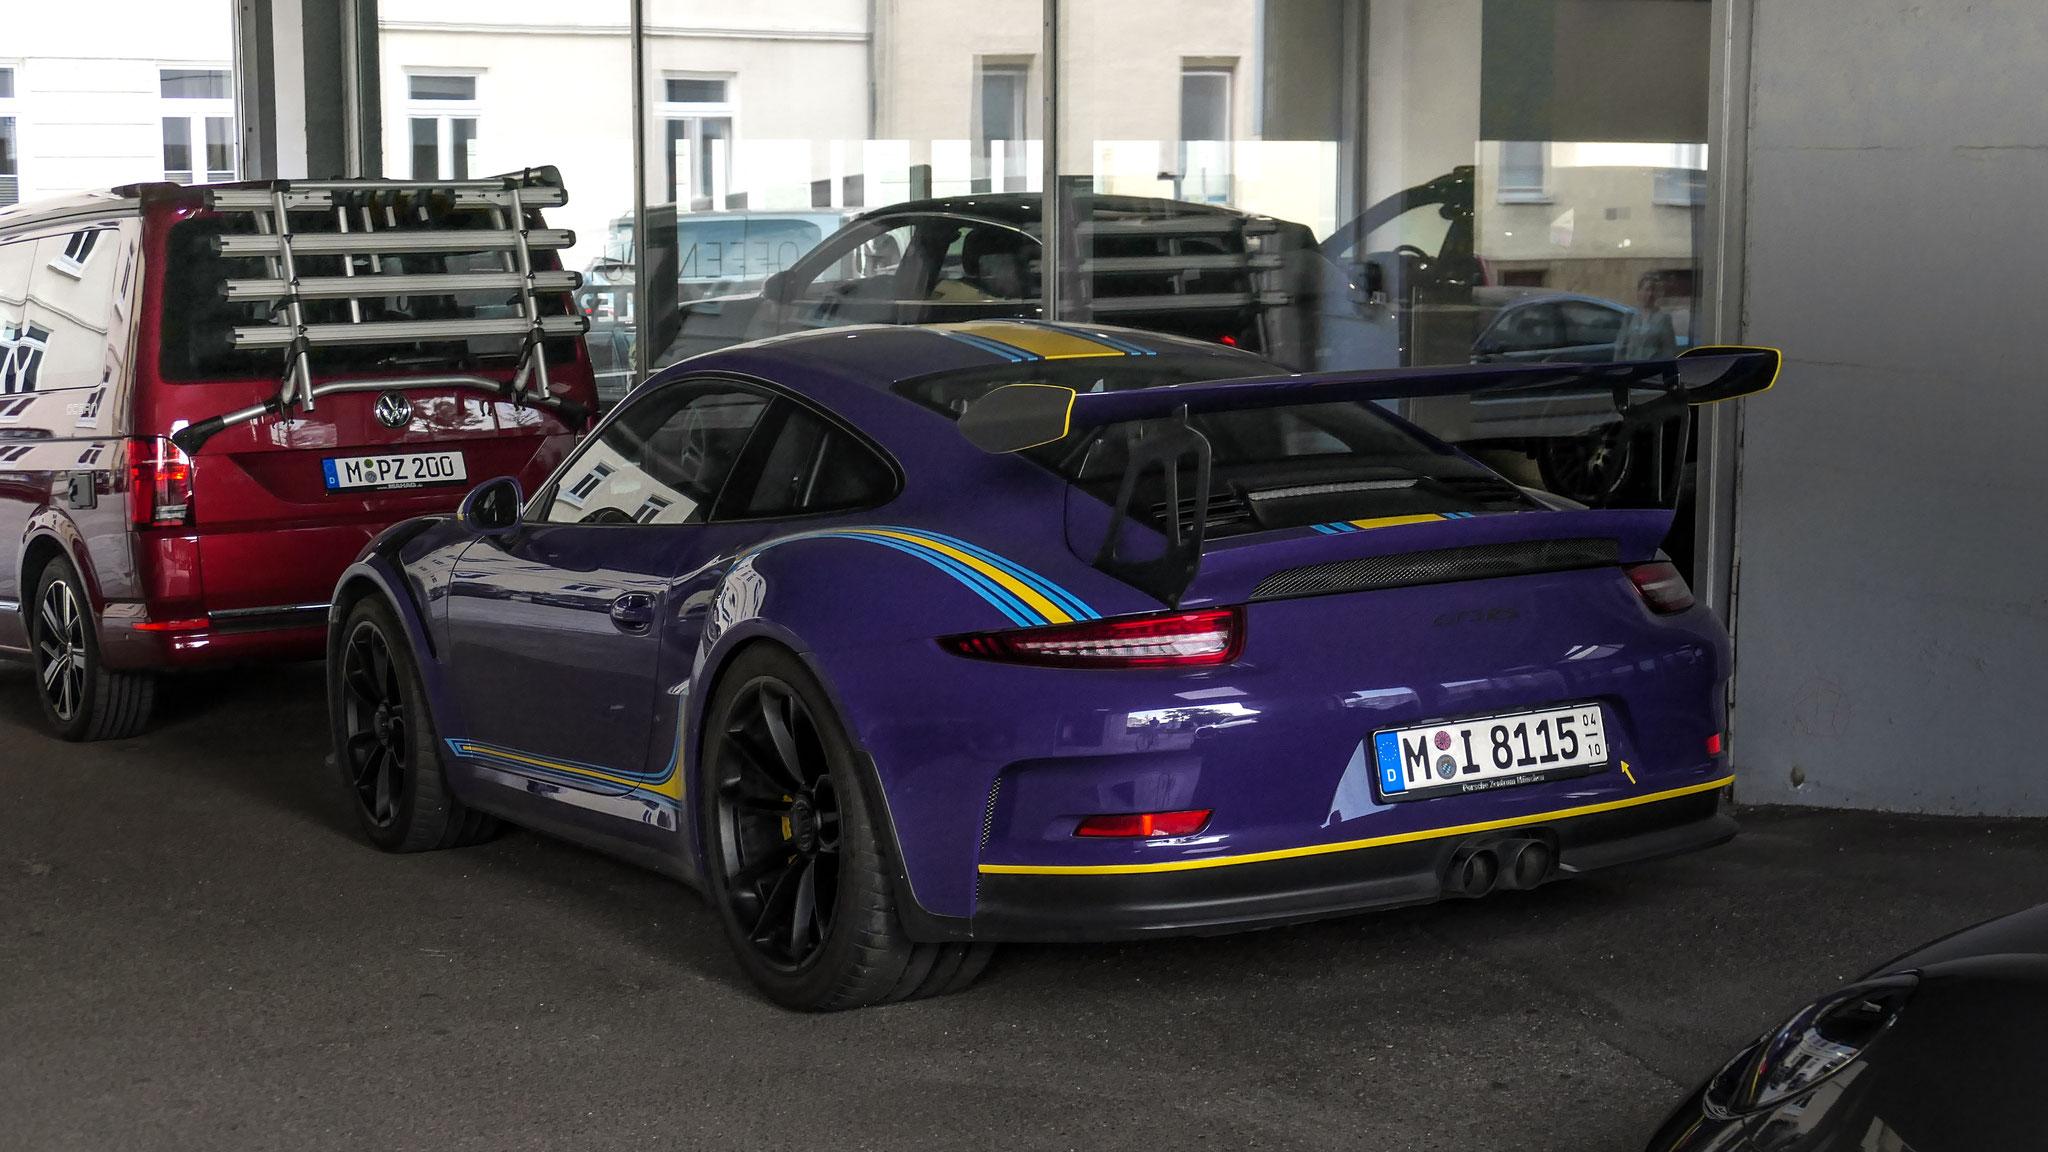 Porsche 911 GT3 RS - M-I-8115